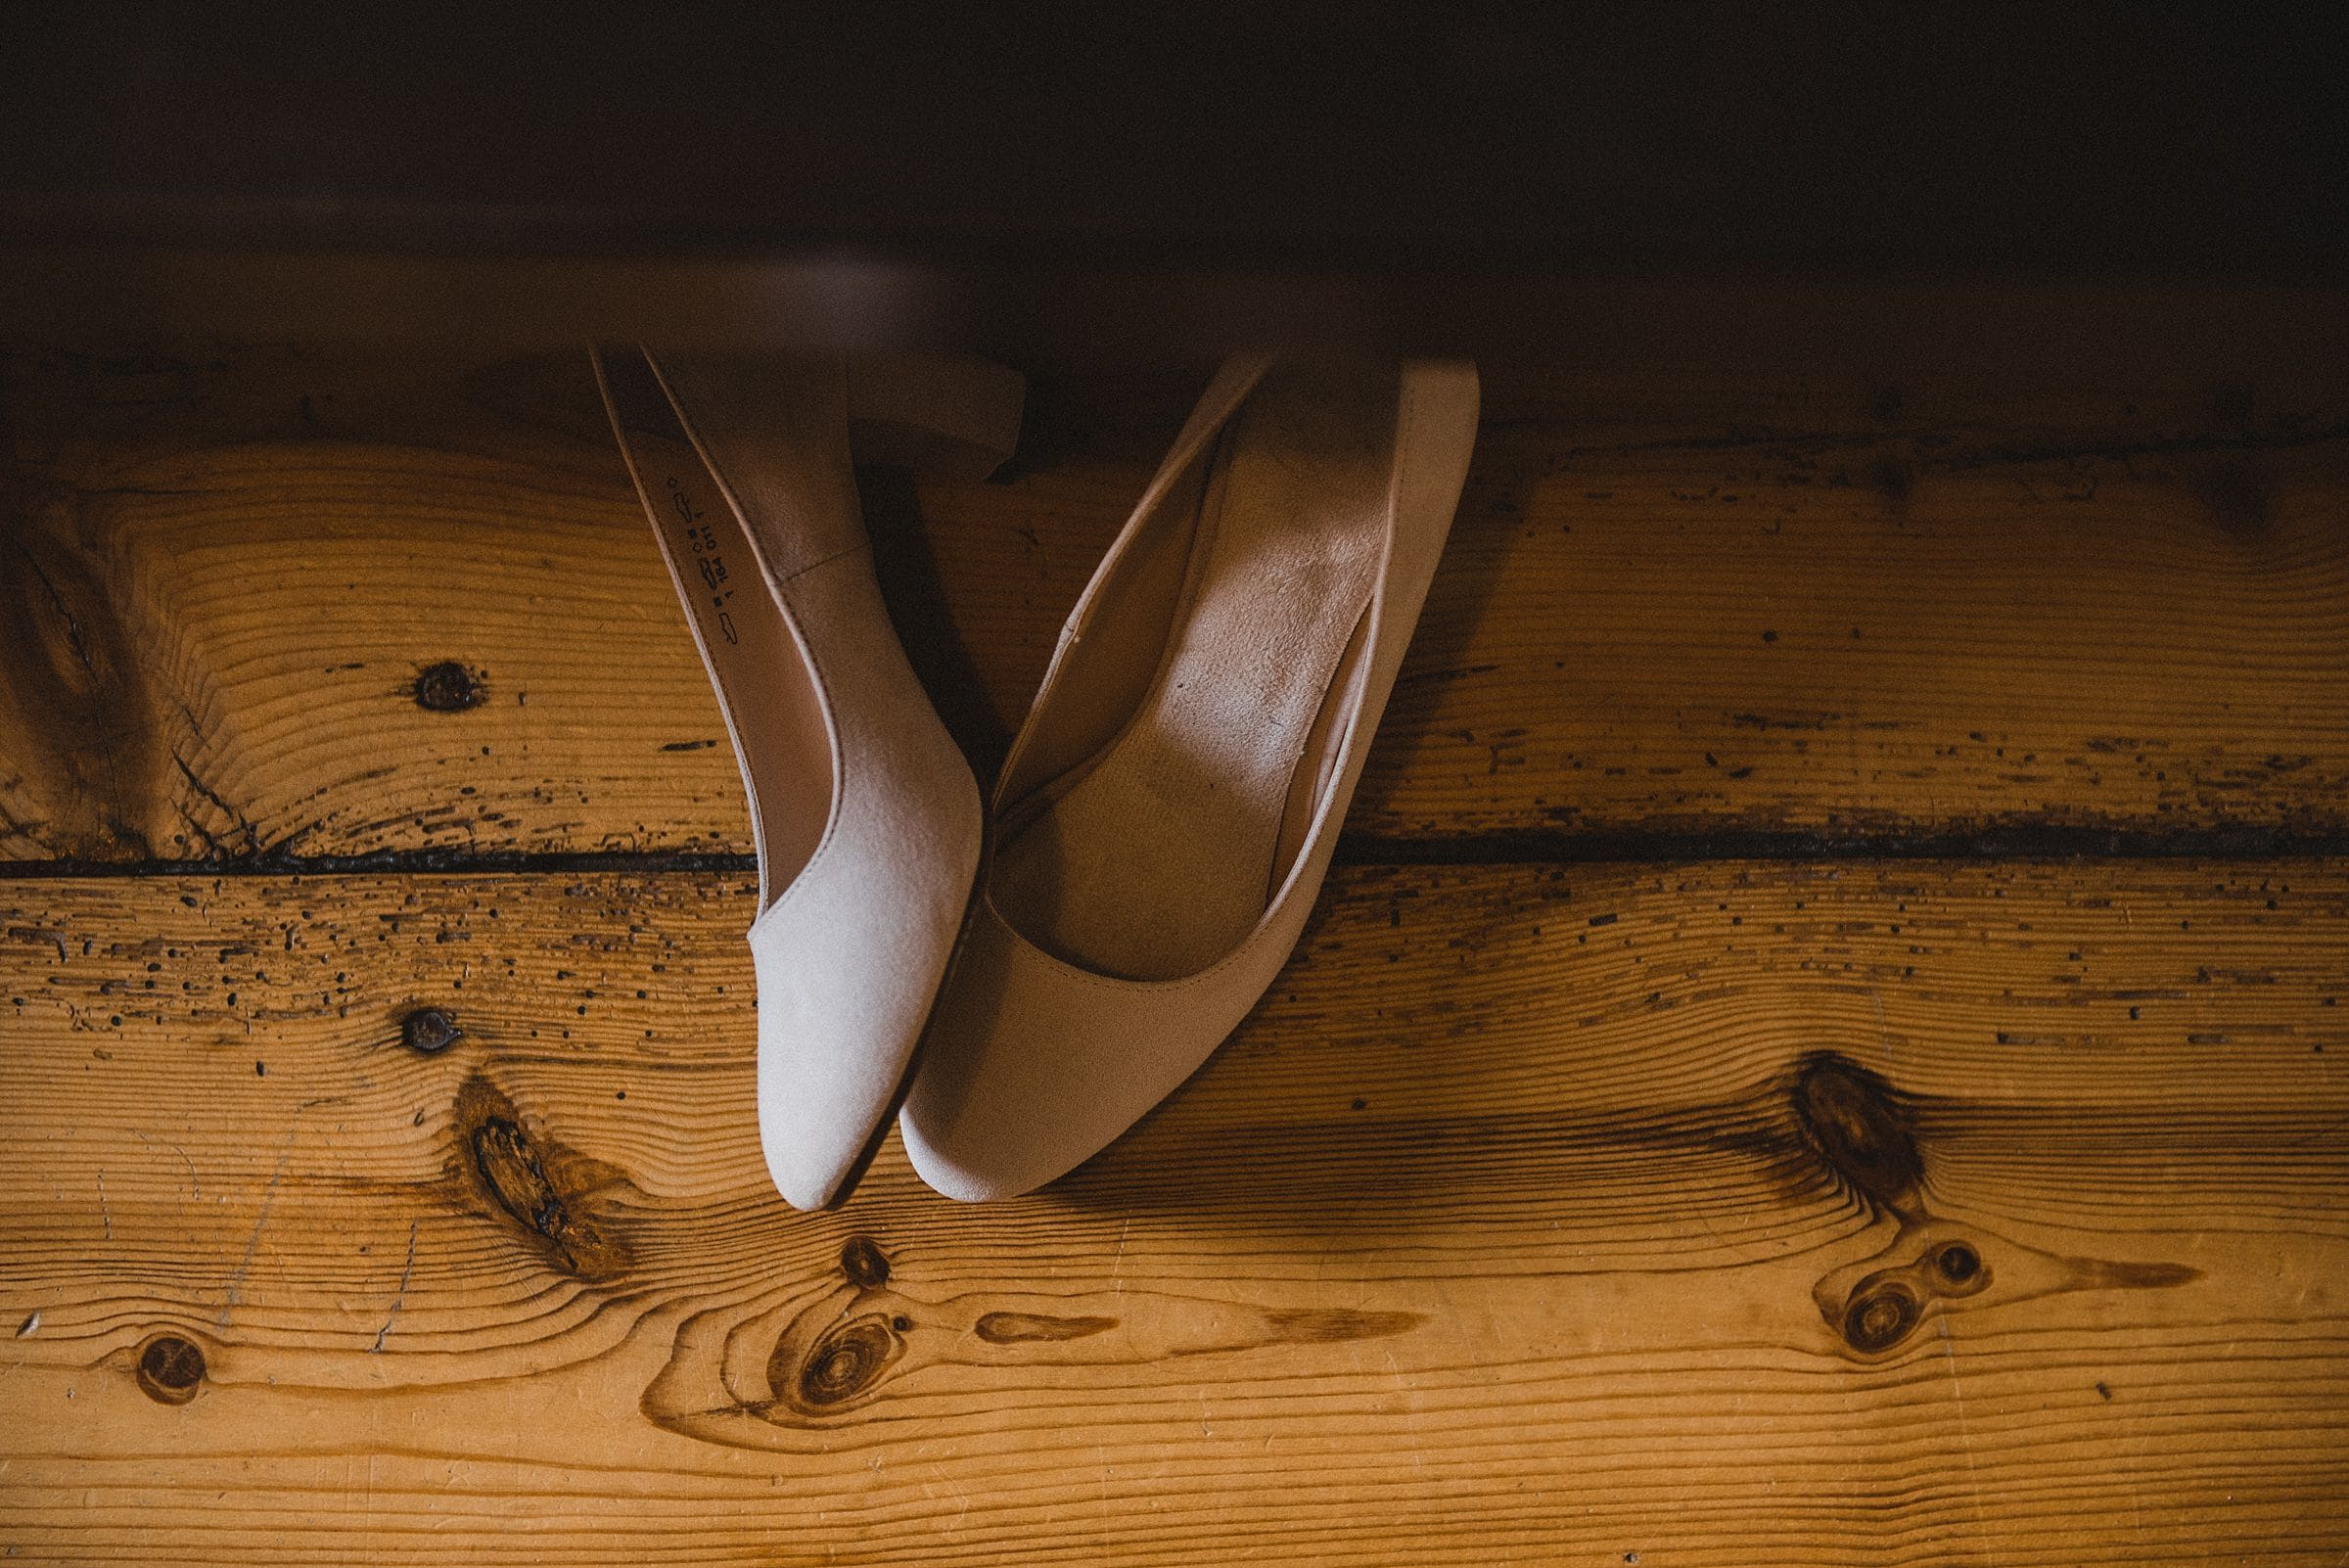 Hochzeitsfotografie-Frau-Siemers-Hof Weihe-Schuhe der Braut